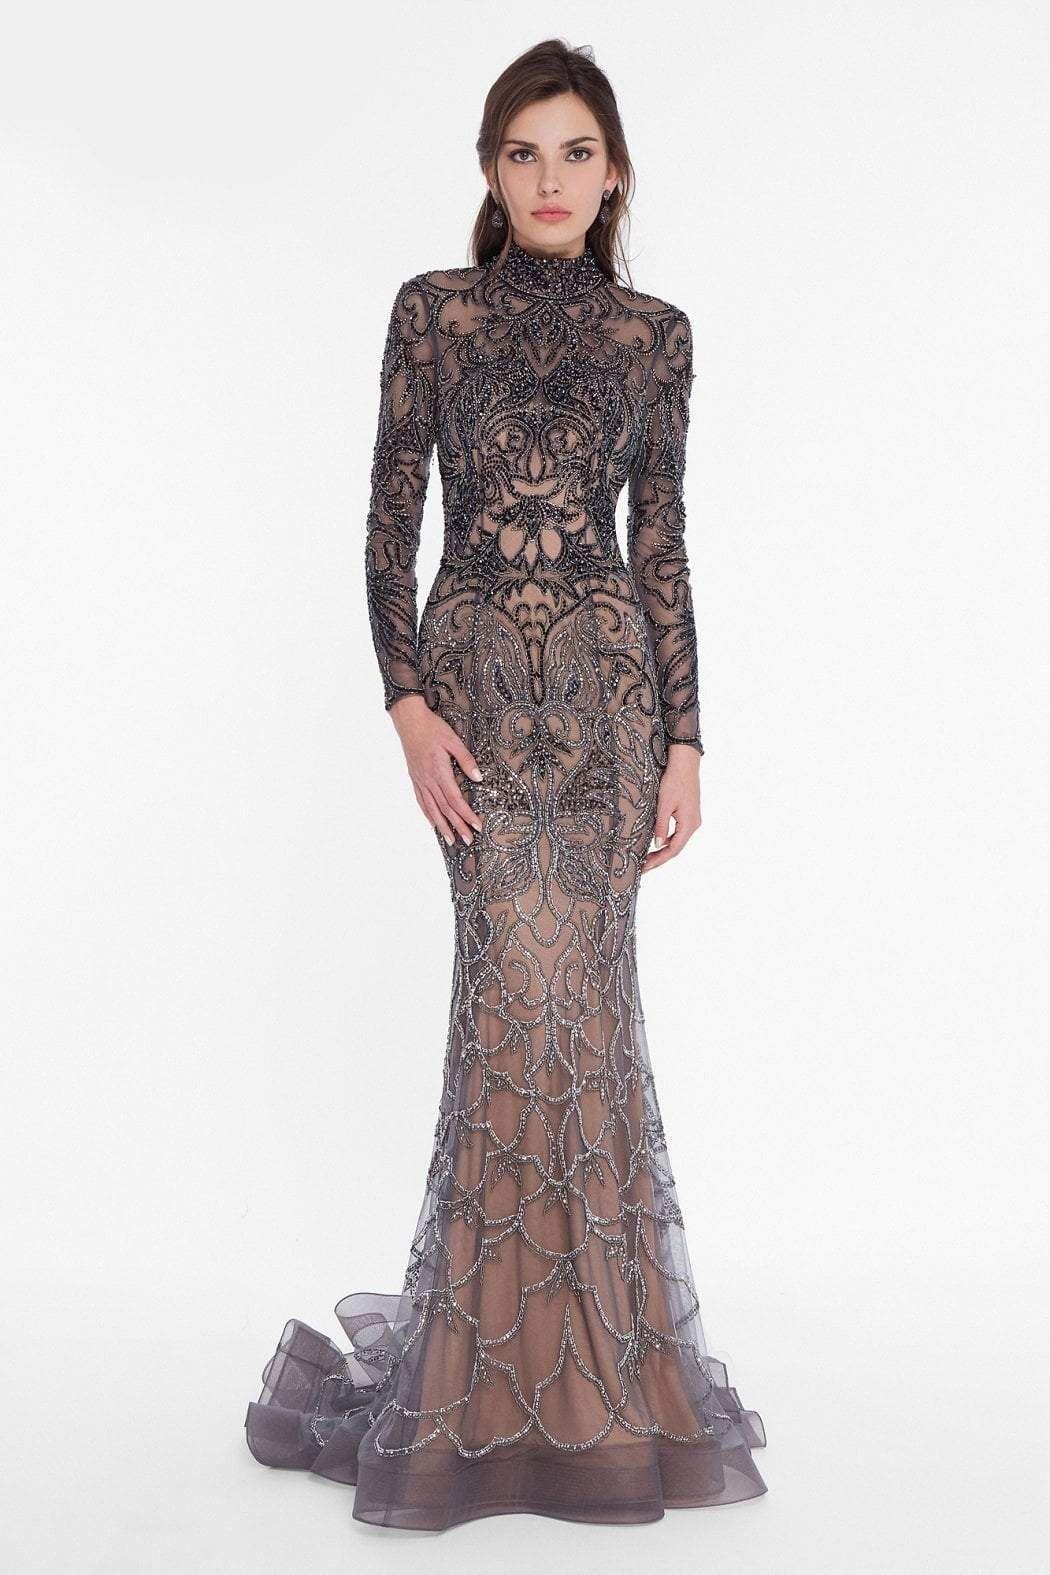 15 Perfekt Terani Couture Abendkleid Design20 Großartig Terani Couture Abendkleid für 2019